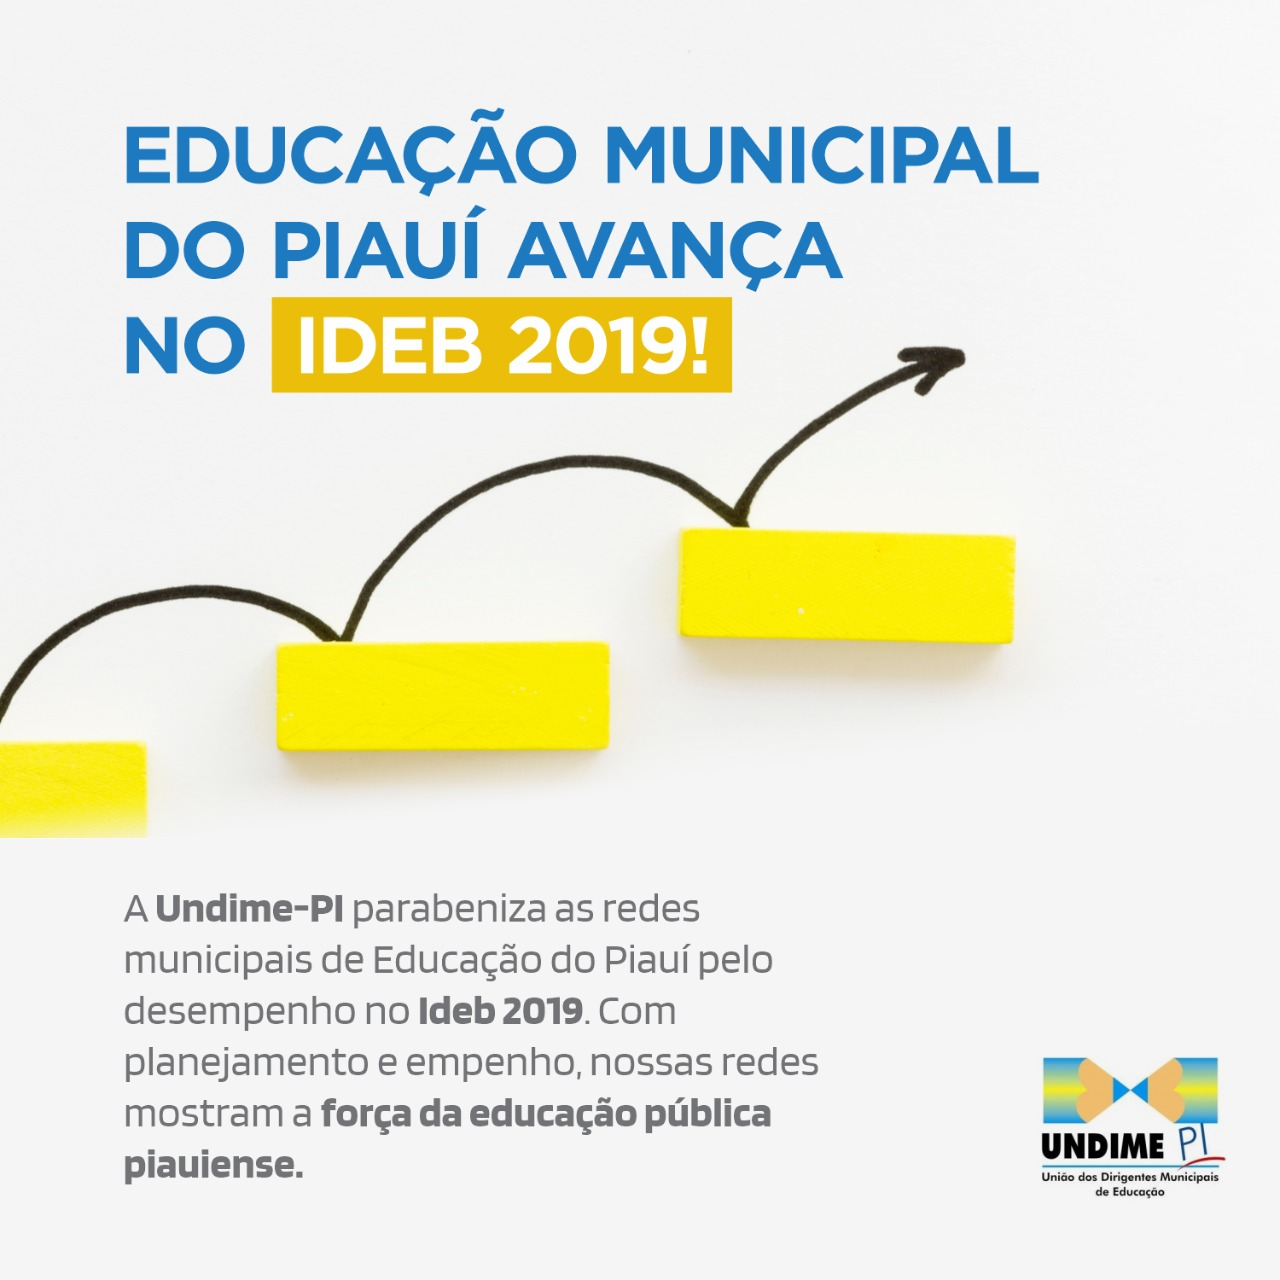 Undime-PI parabeniza redes municipais de Educação pelo resultado no Ideb